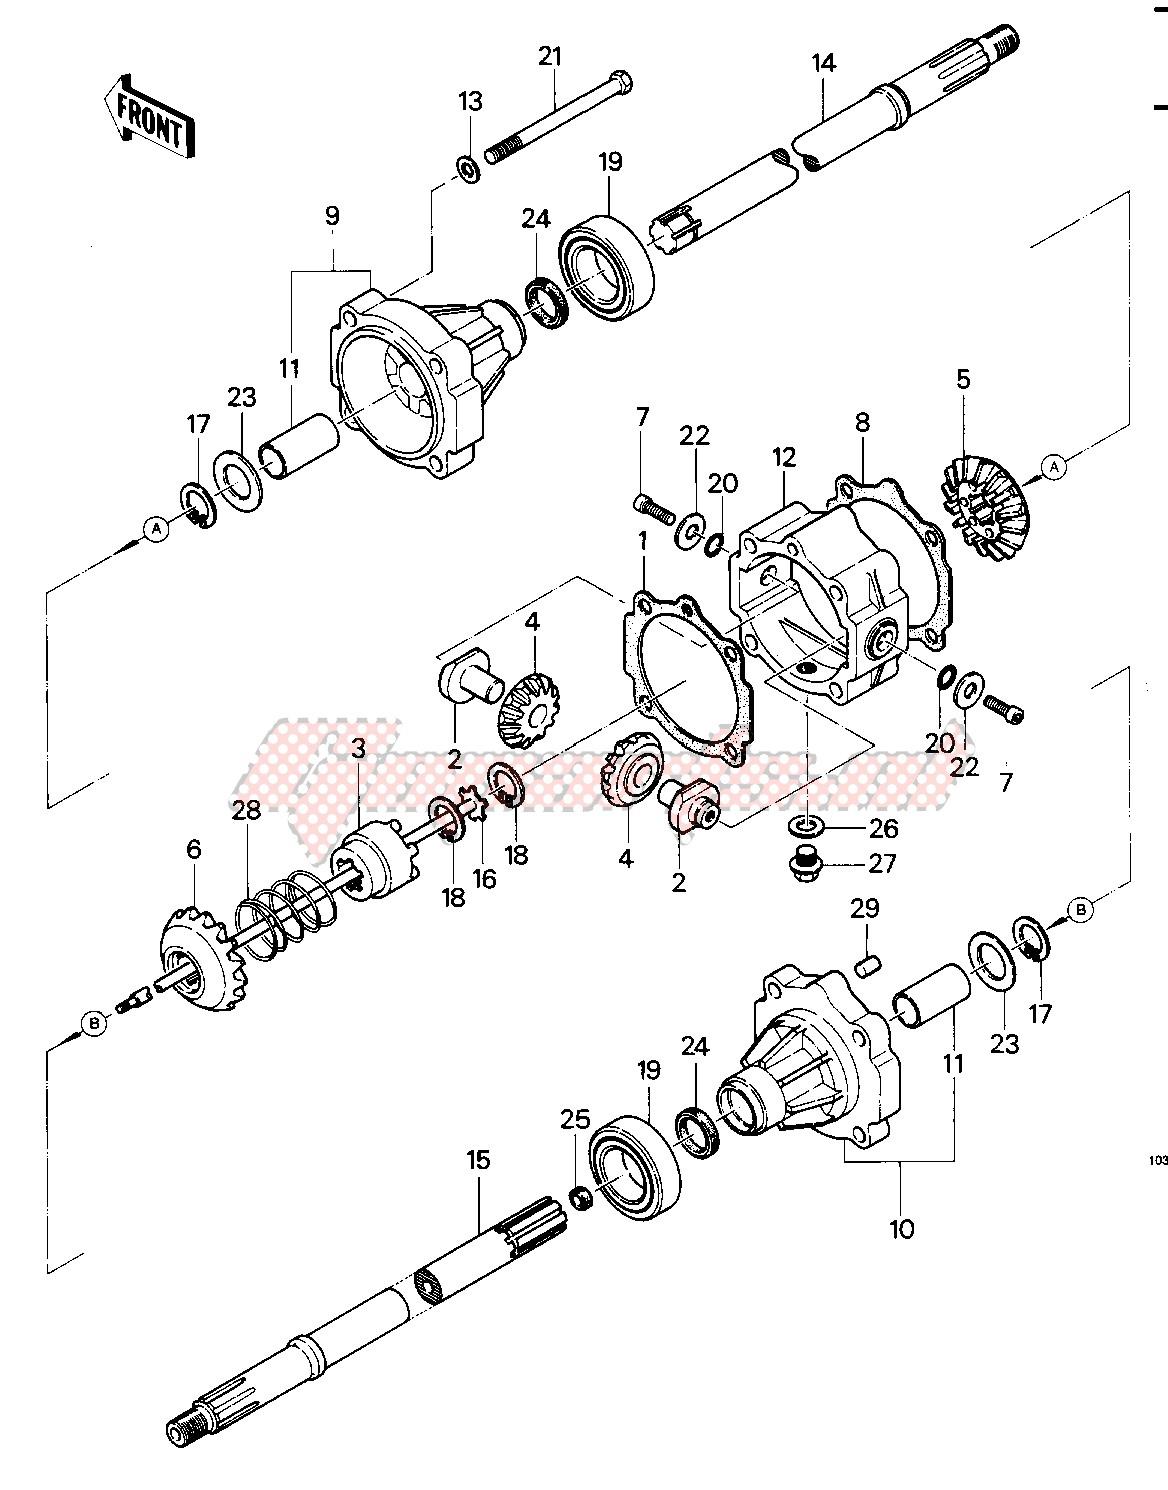 REAR AXLE -- 83 KLT200-C1- - image